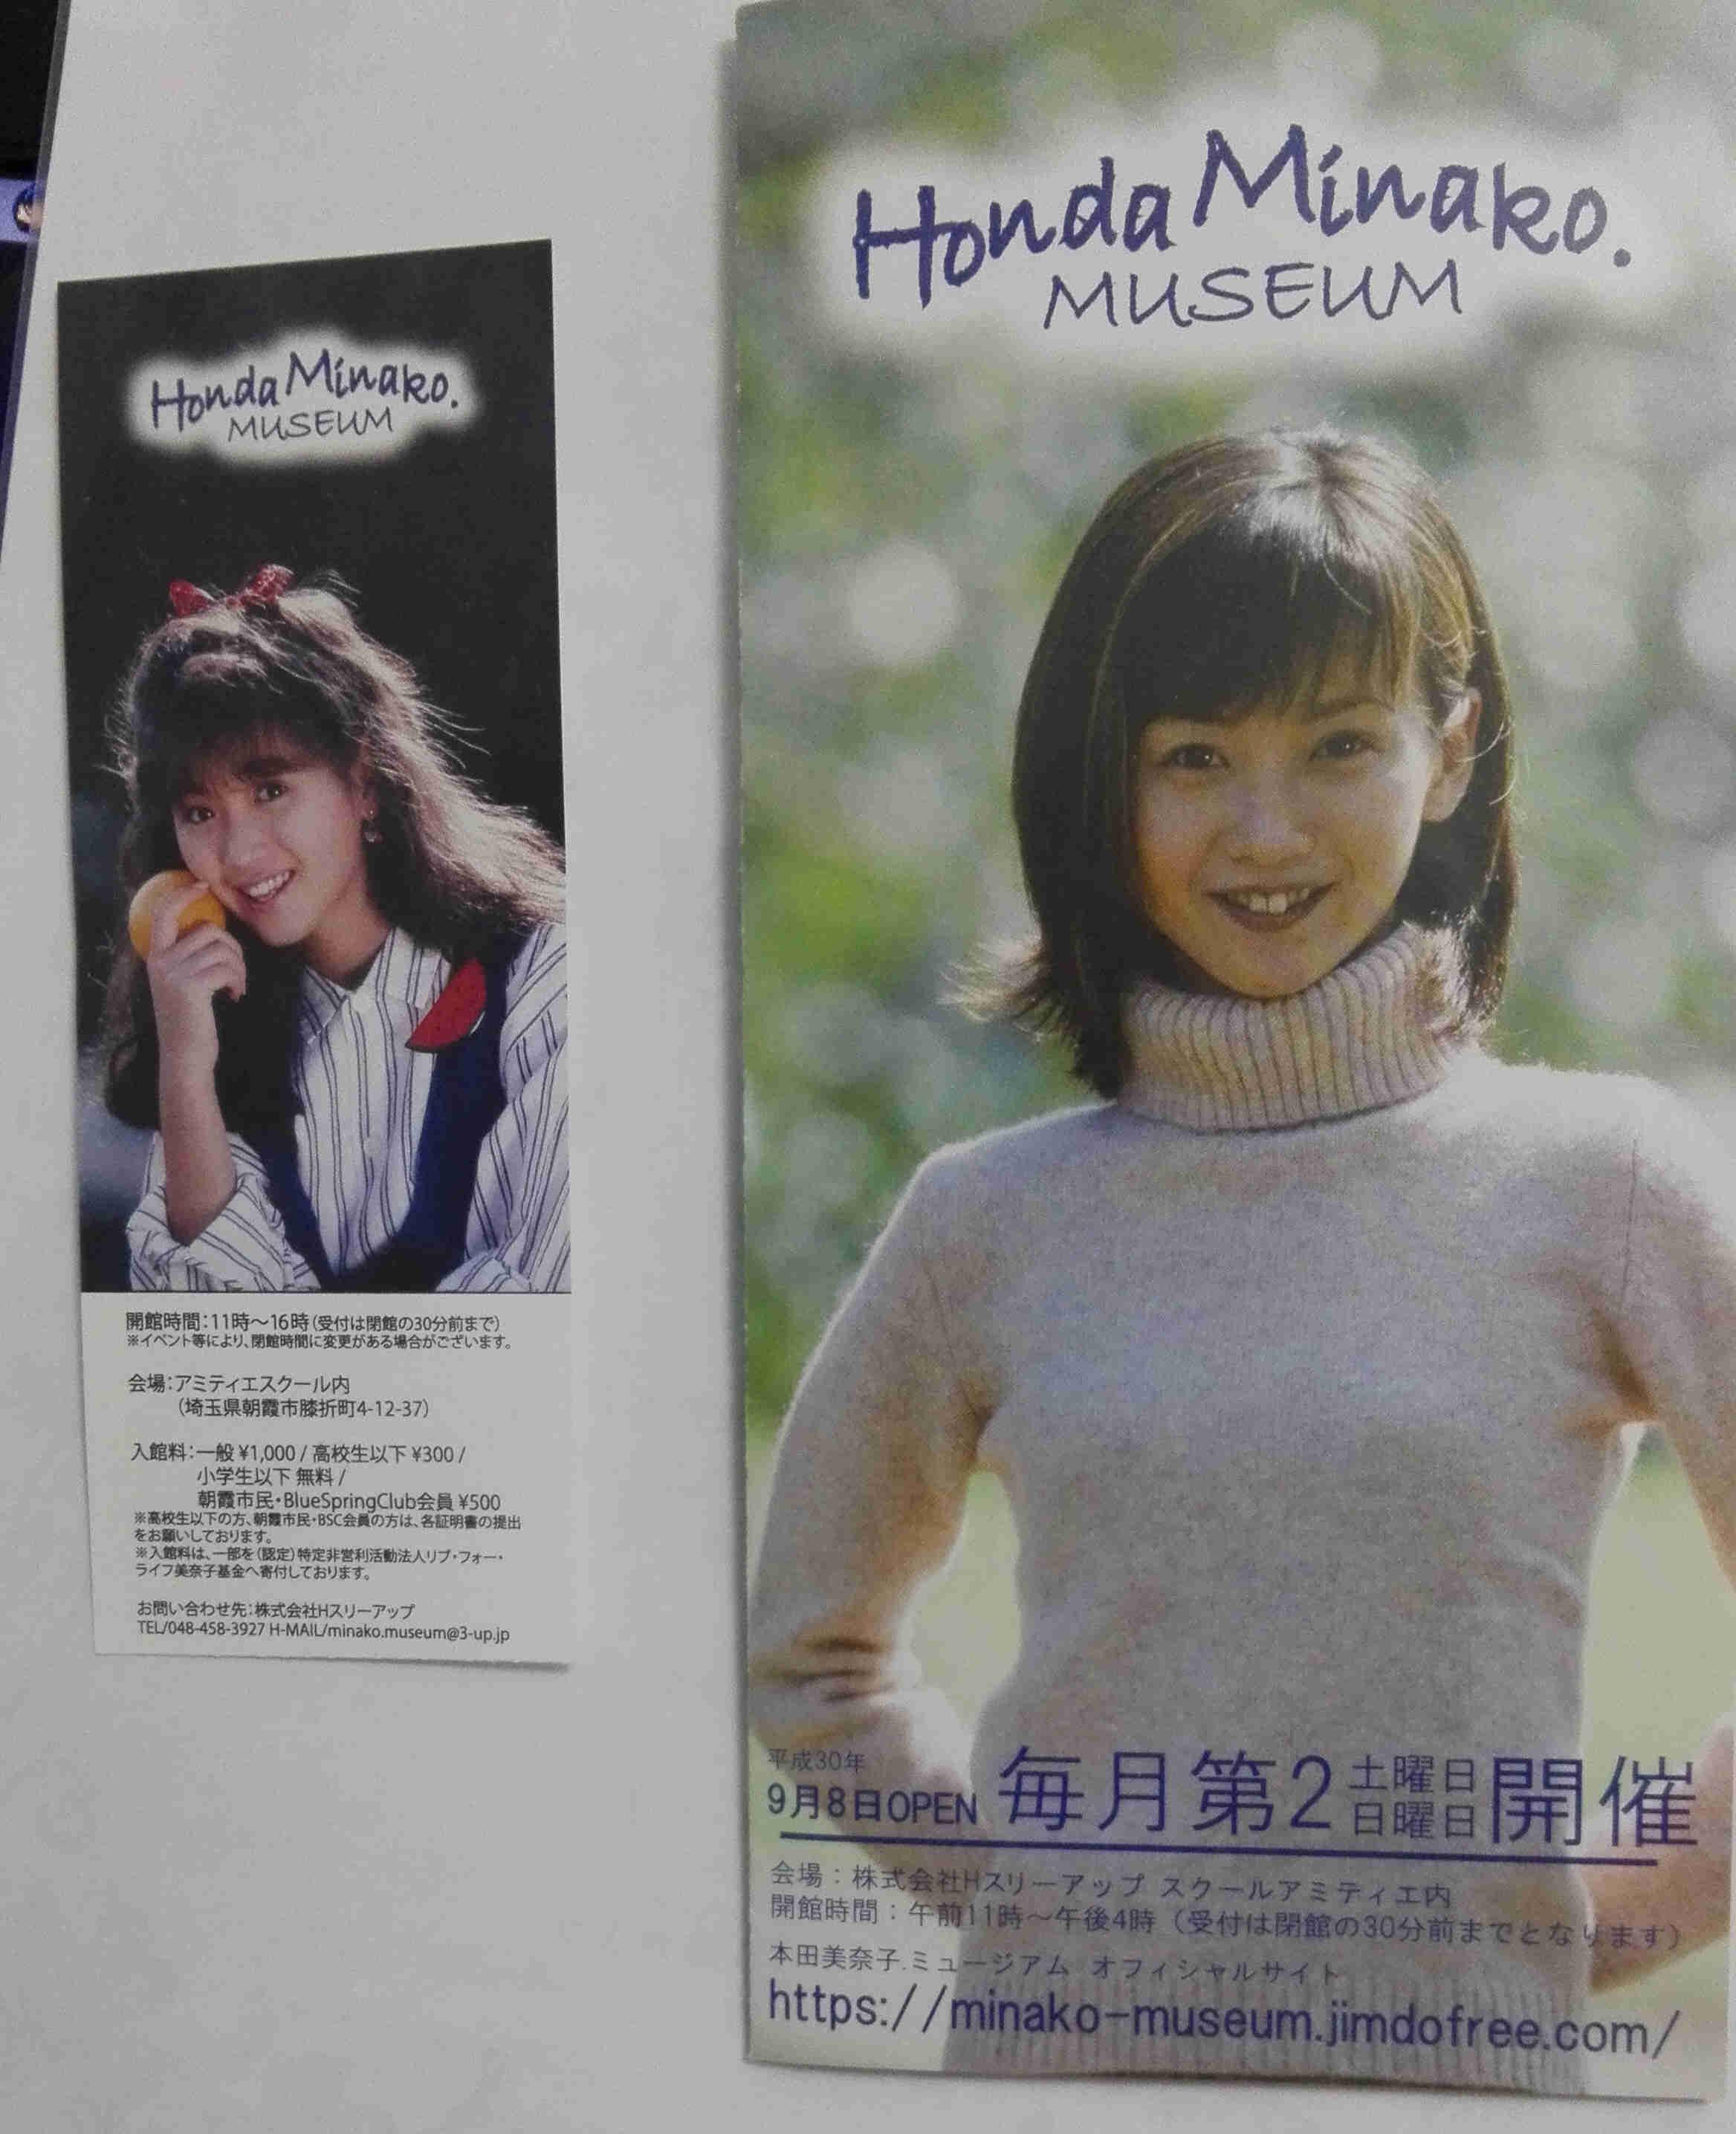 本田美奈子.ミュージアム、「かの残響、清冽なり」